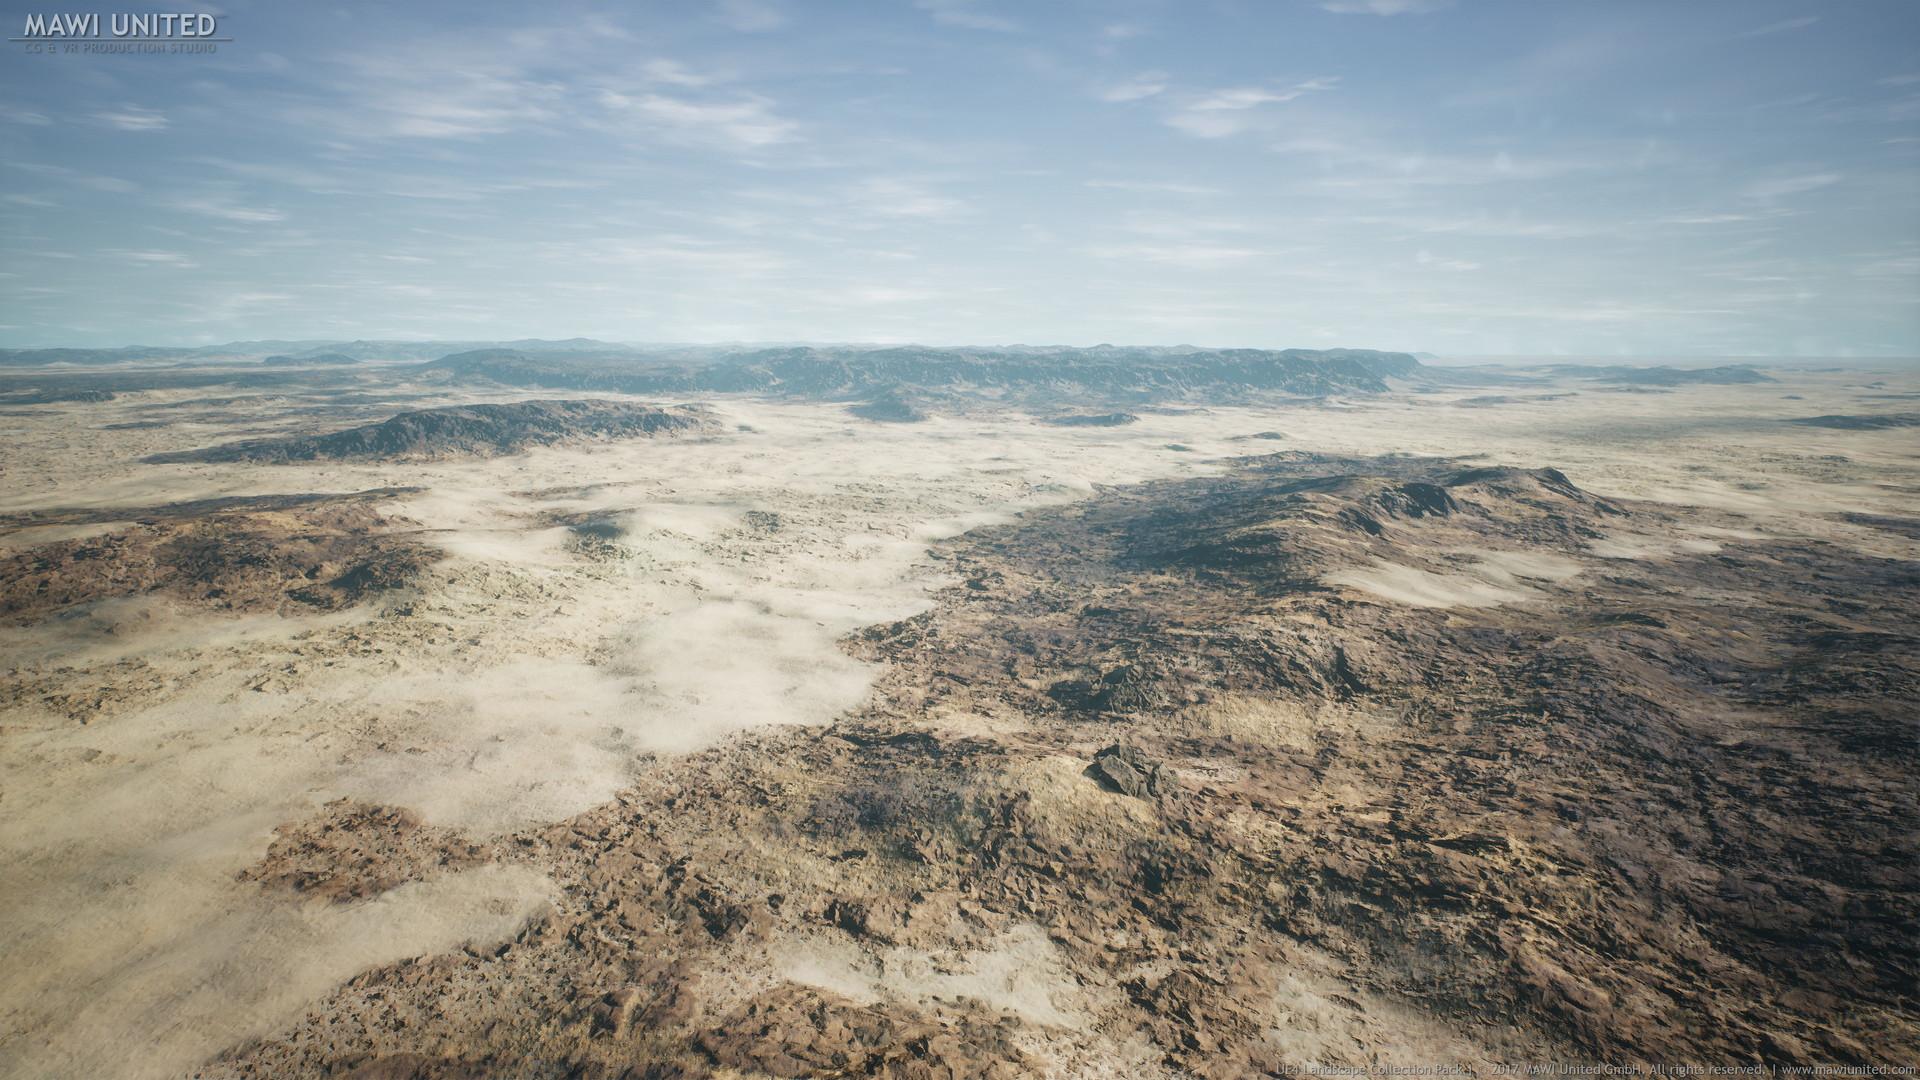 ArtStation - UE4 Lava Desert Landscape, Willi Hammes